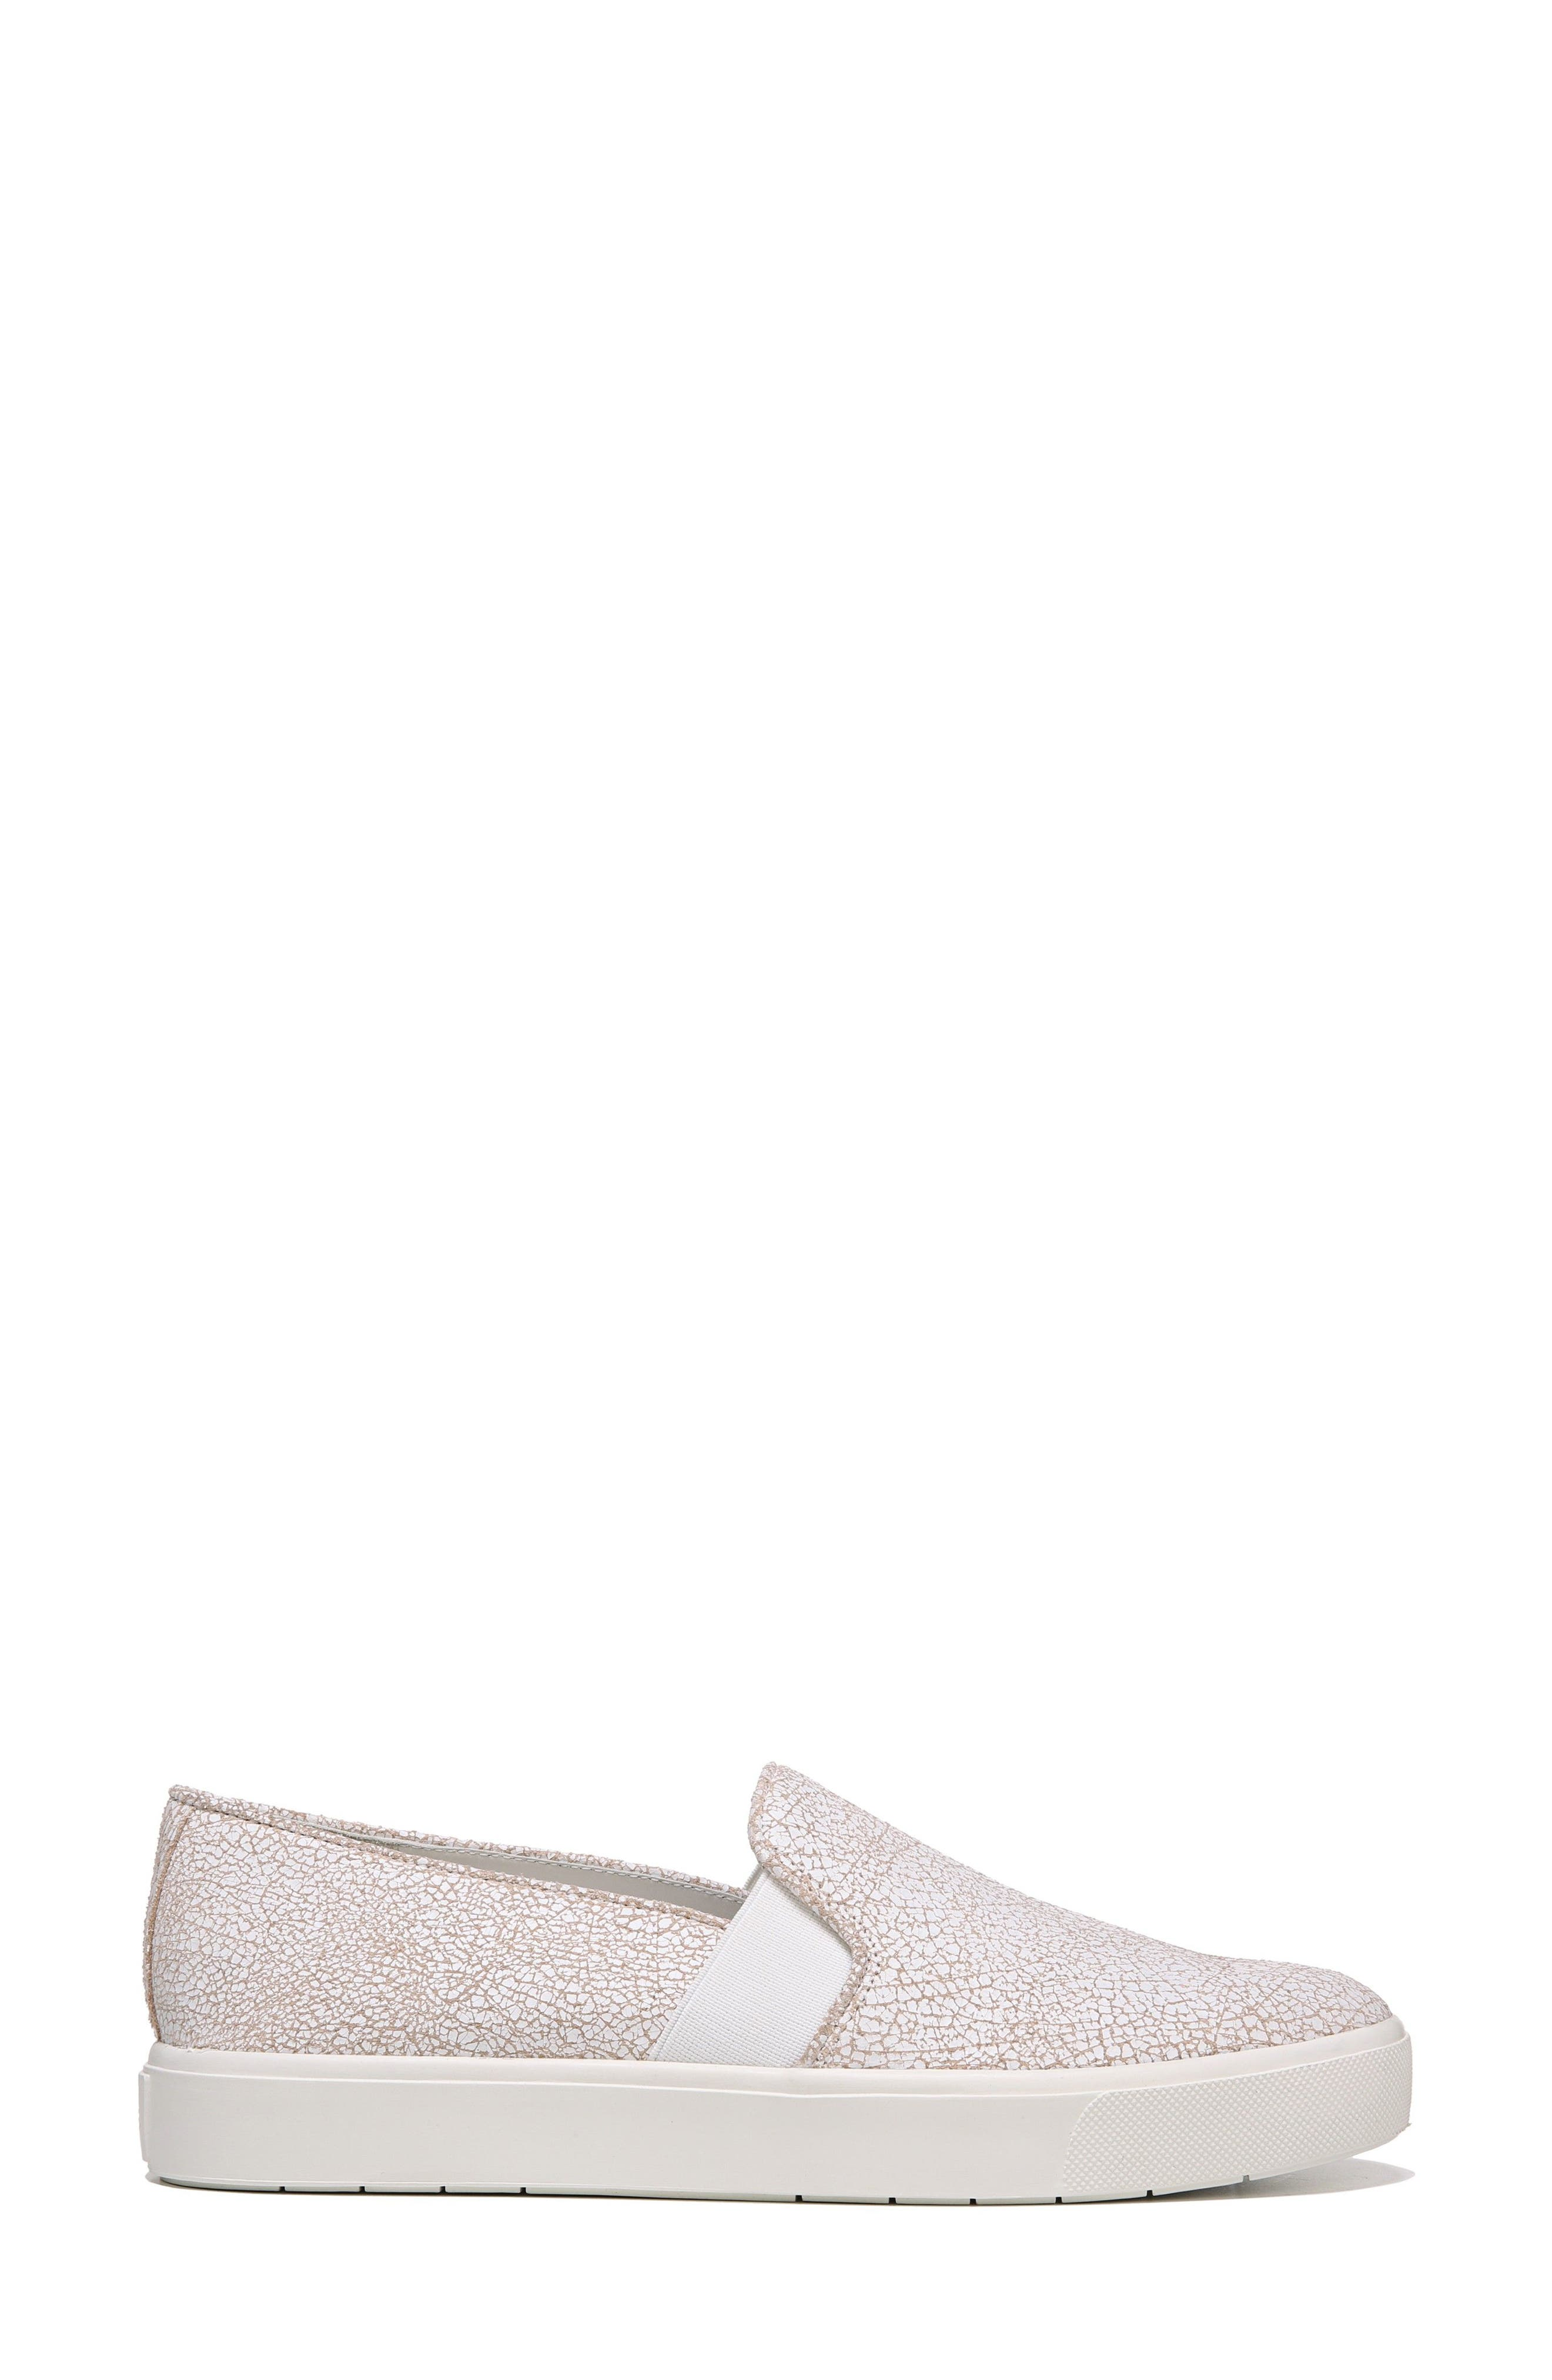 Alternate Image 3  - Vince 'Blair 12' Leather Slip-On Sneaker (Women)